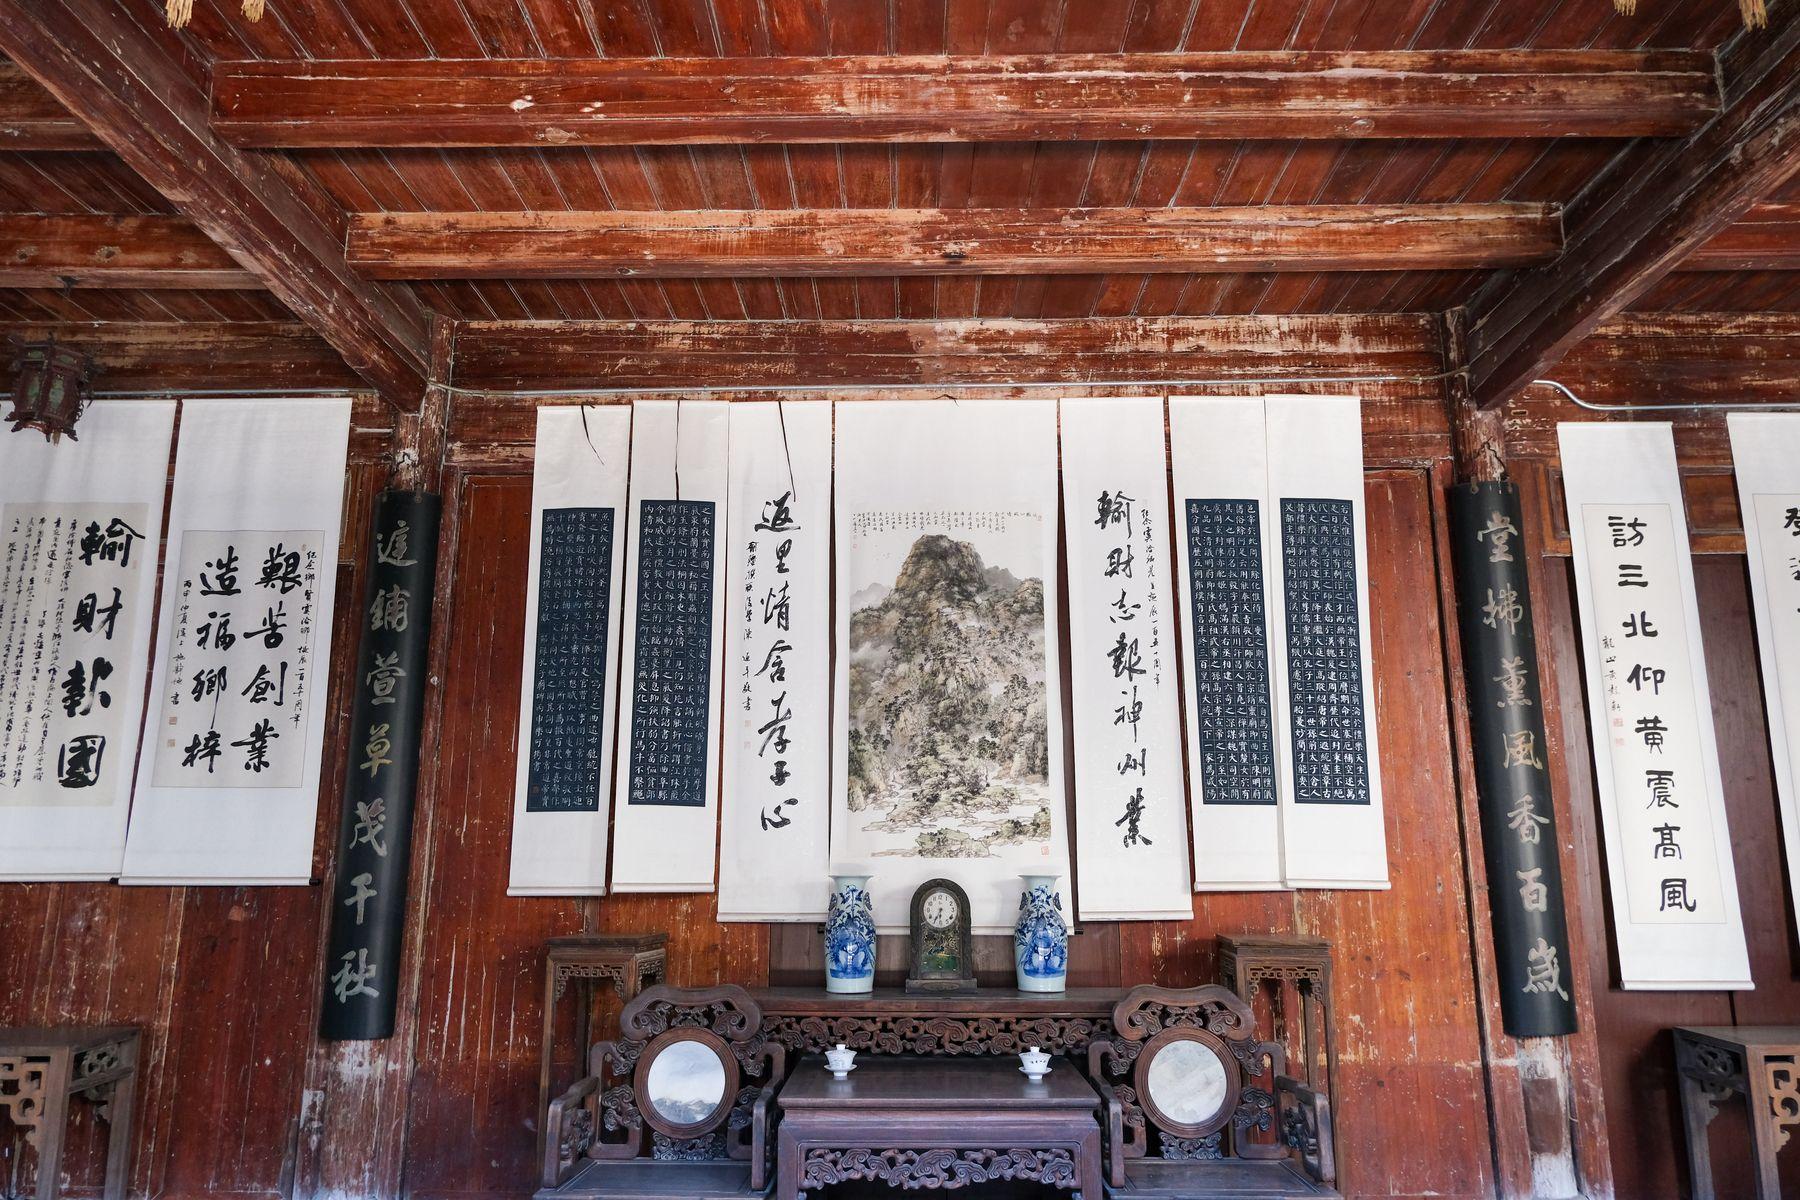 中国晚清传统会客厅布局照片素材(免费商用照片下载,6240X4160 像素)